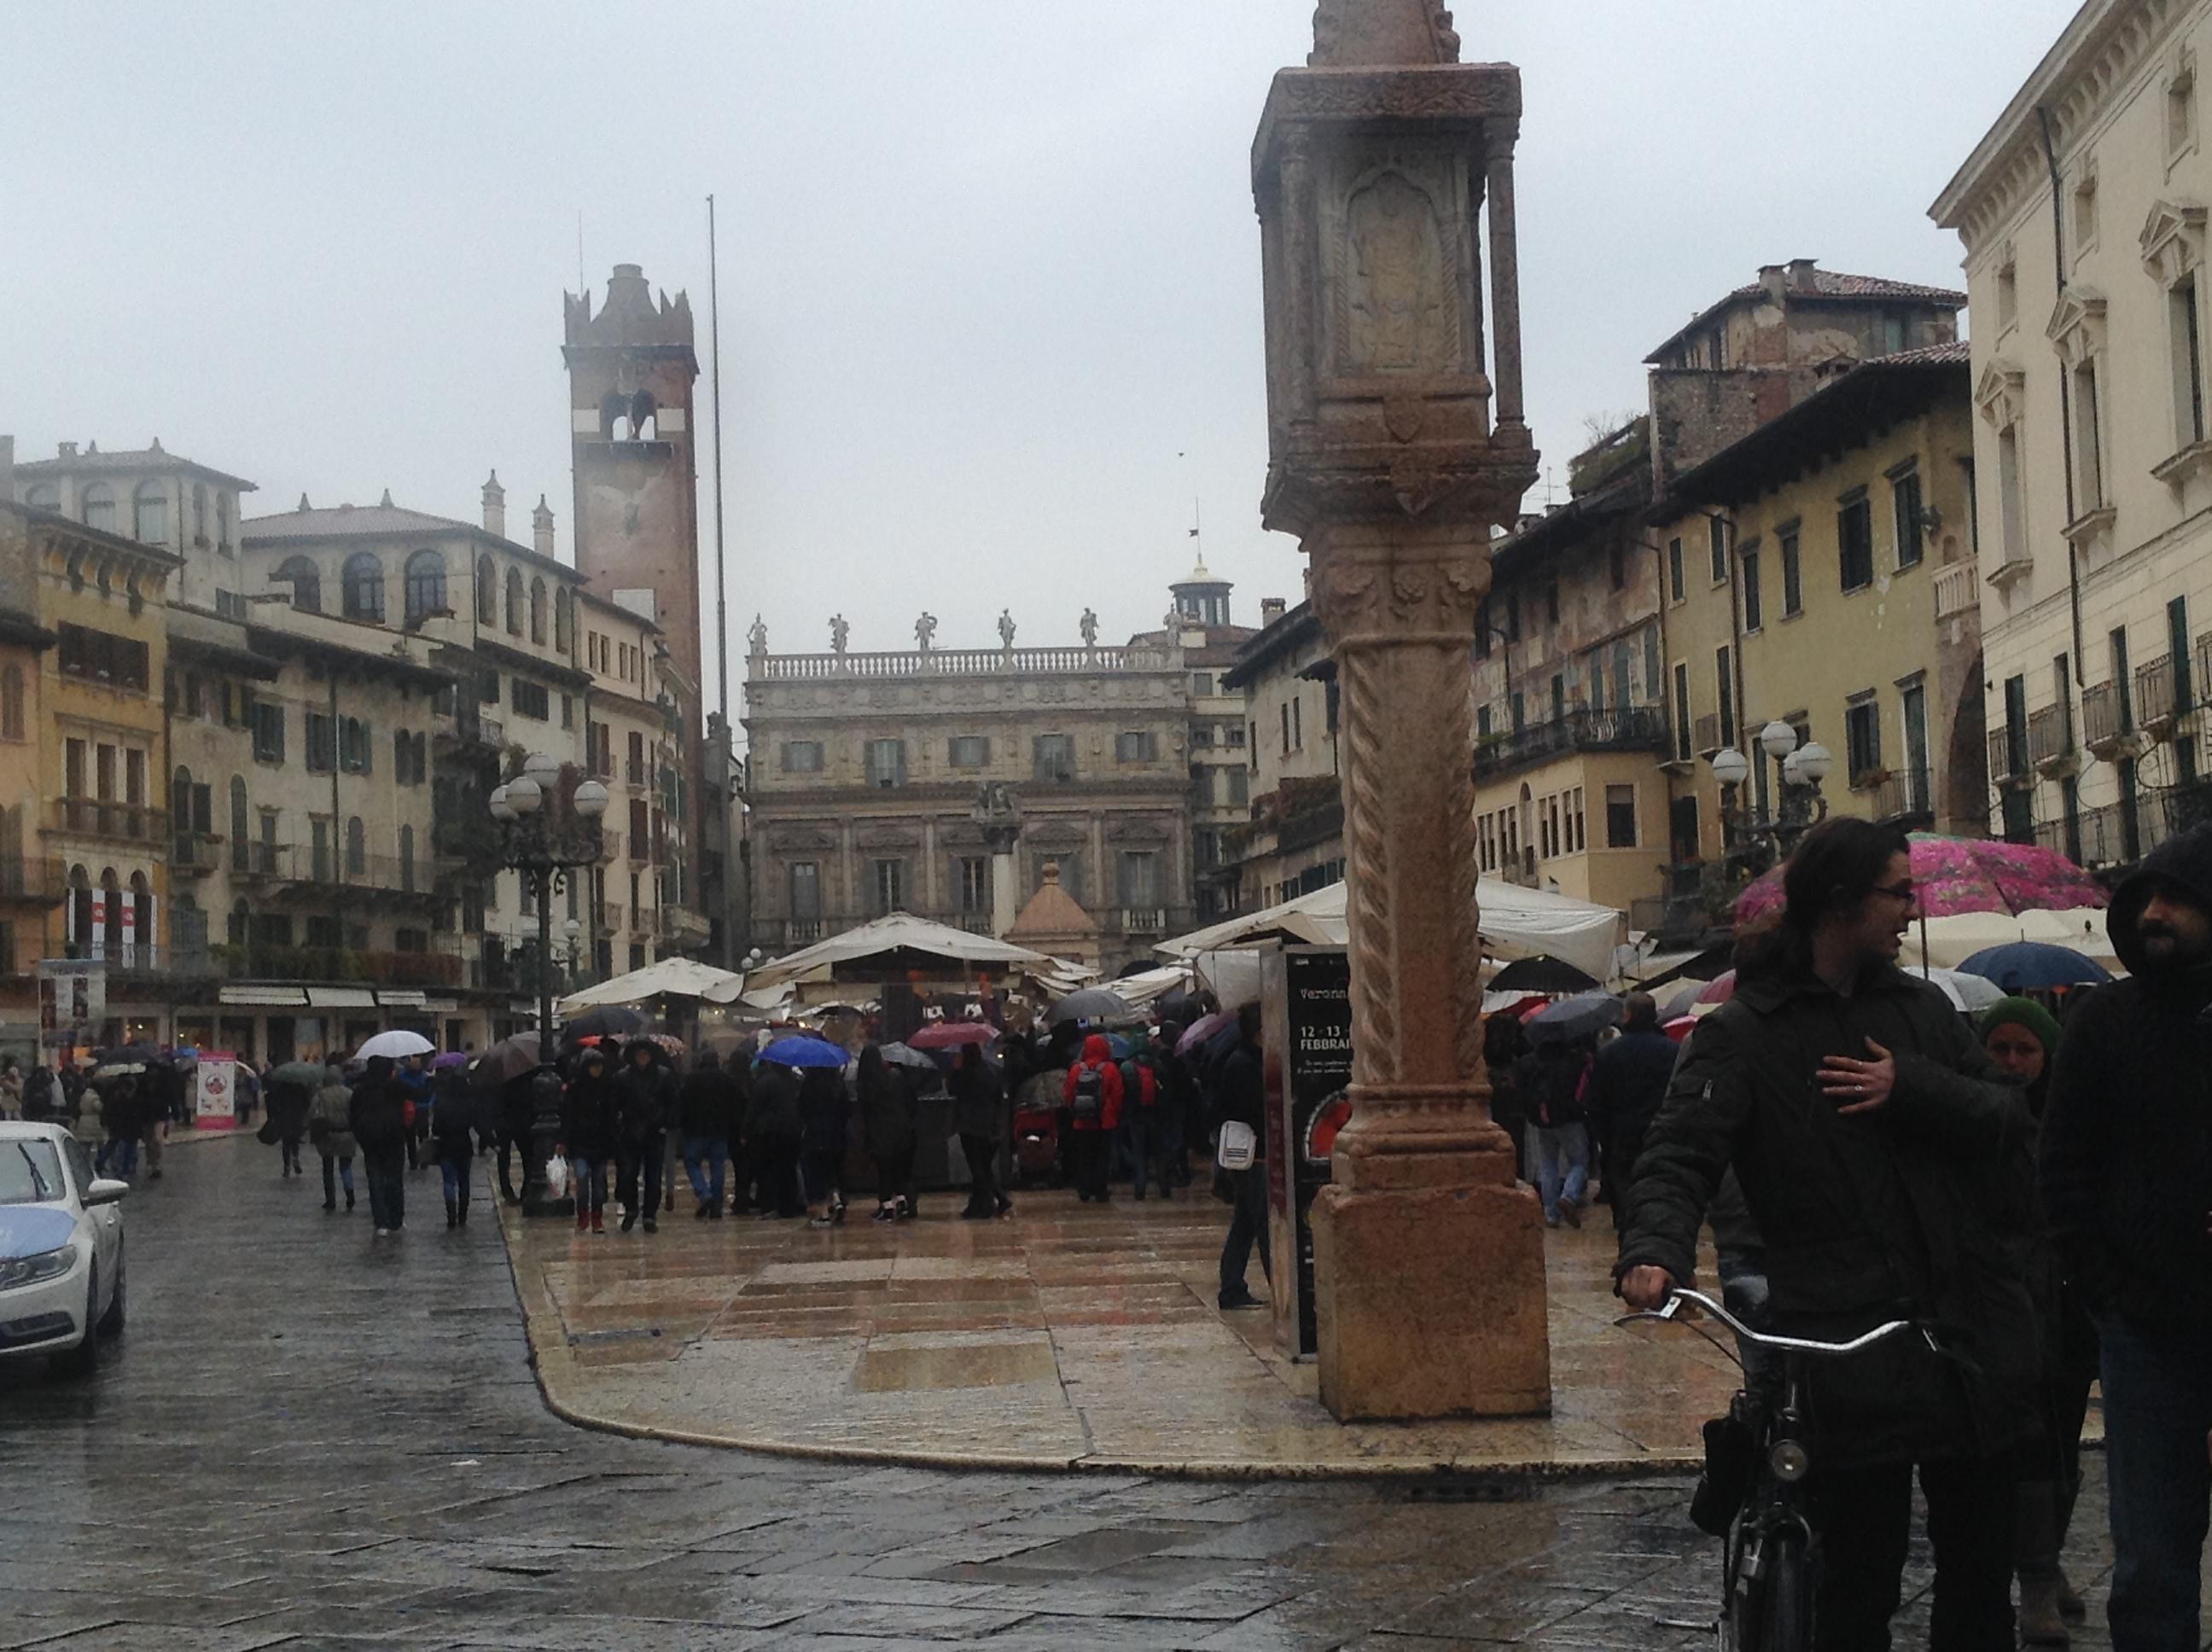 Verona, rainy day, MilanKaRaja.com